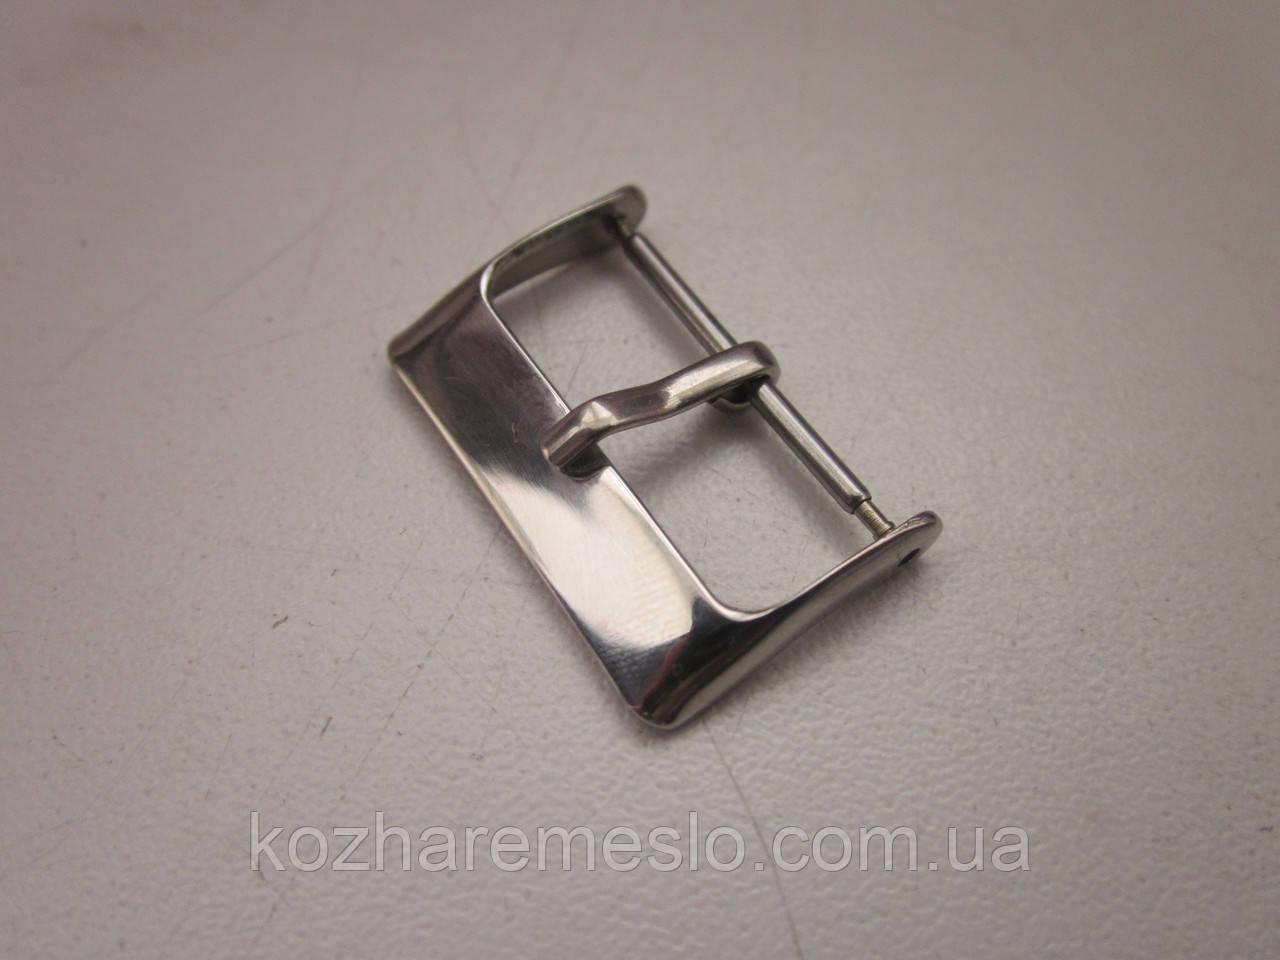 Пряжка - застёжка для часов 20 мм никель